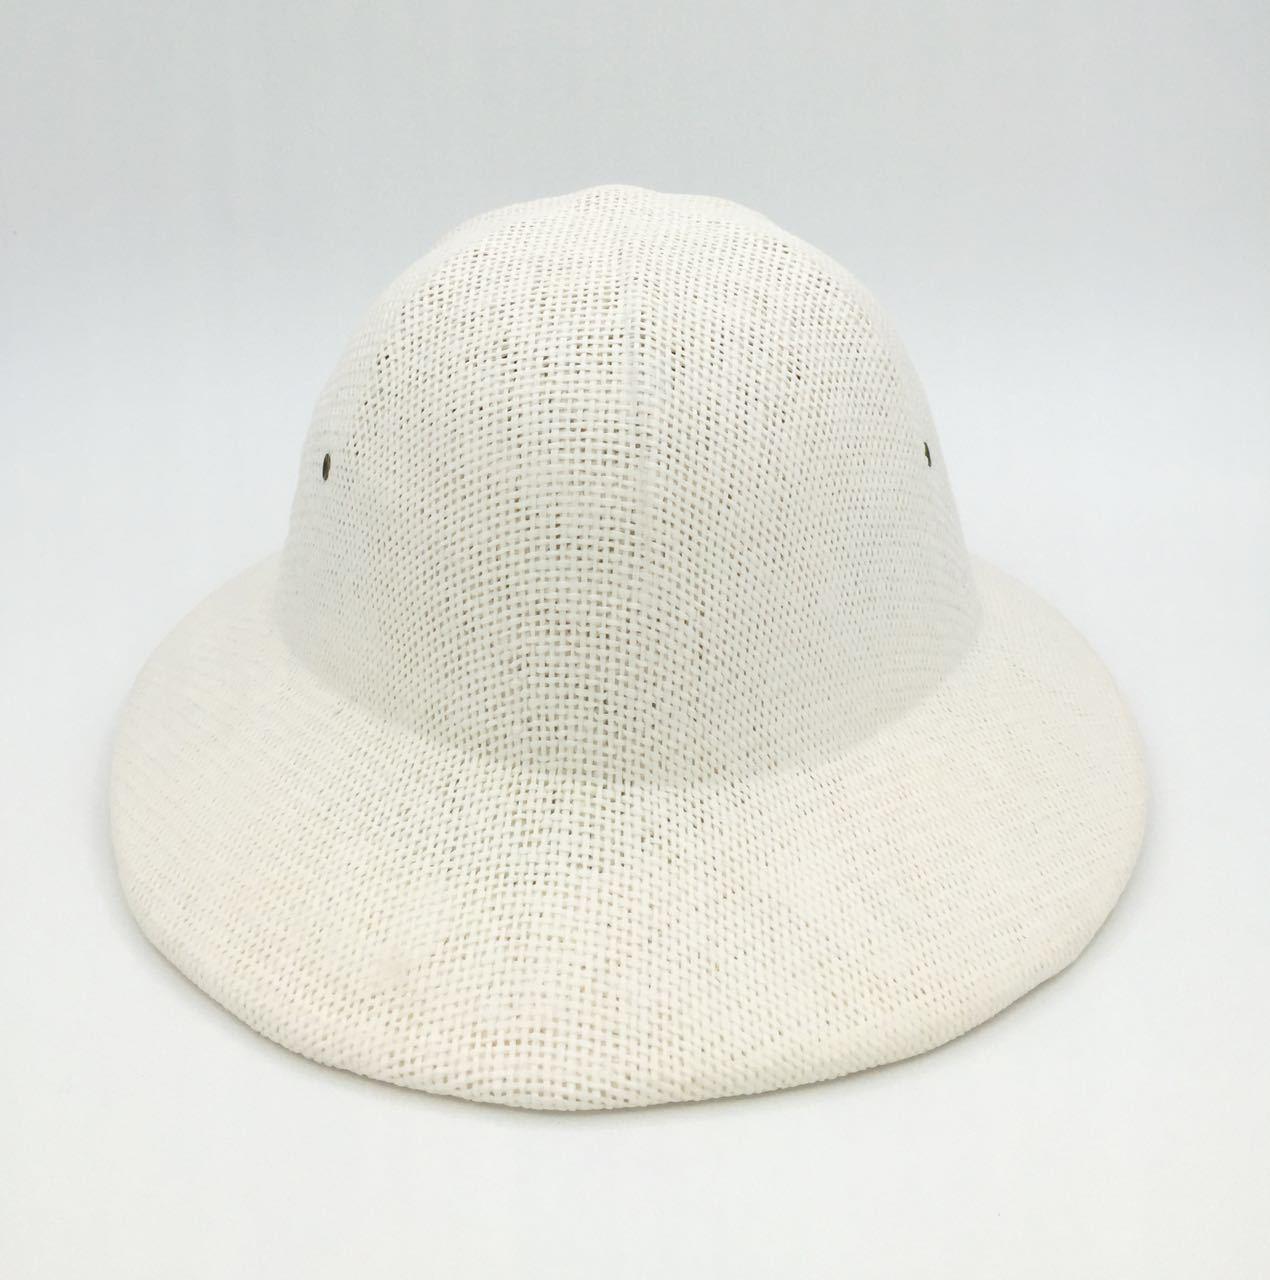 Helmet - White Image